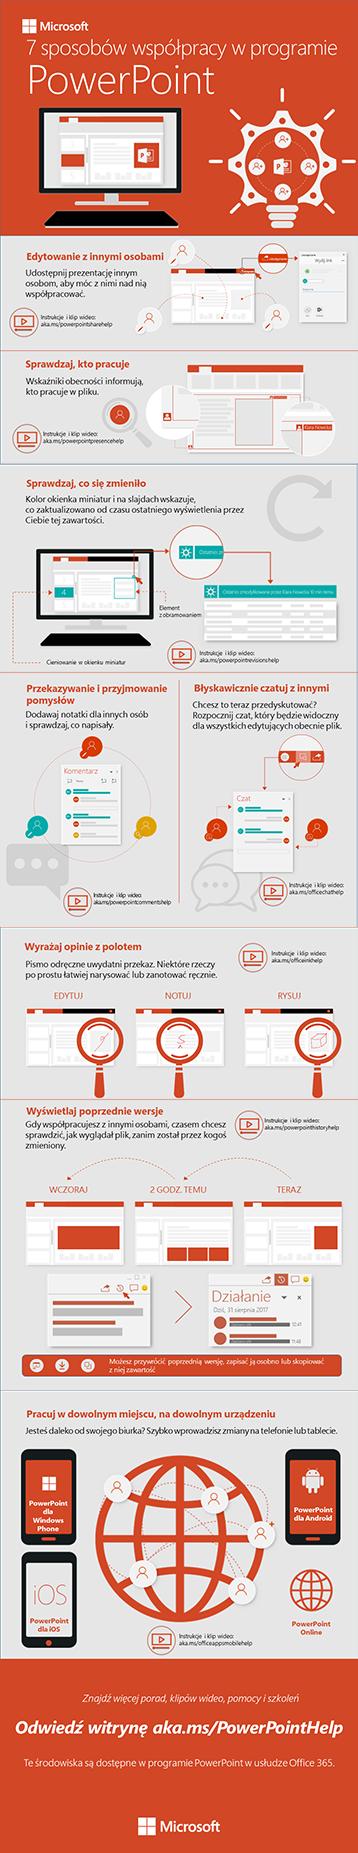 Sposoby współpracy w programie PowerPoint — infografika